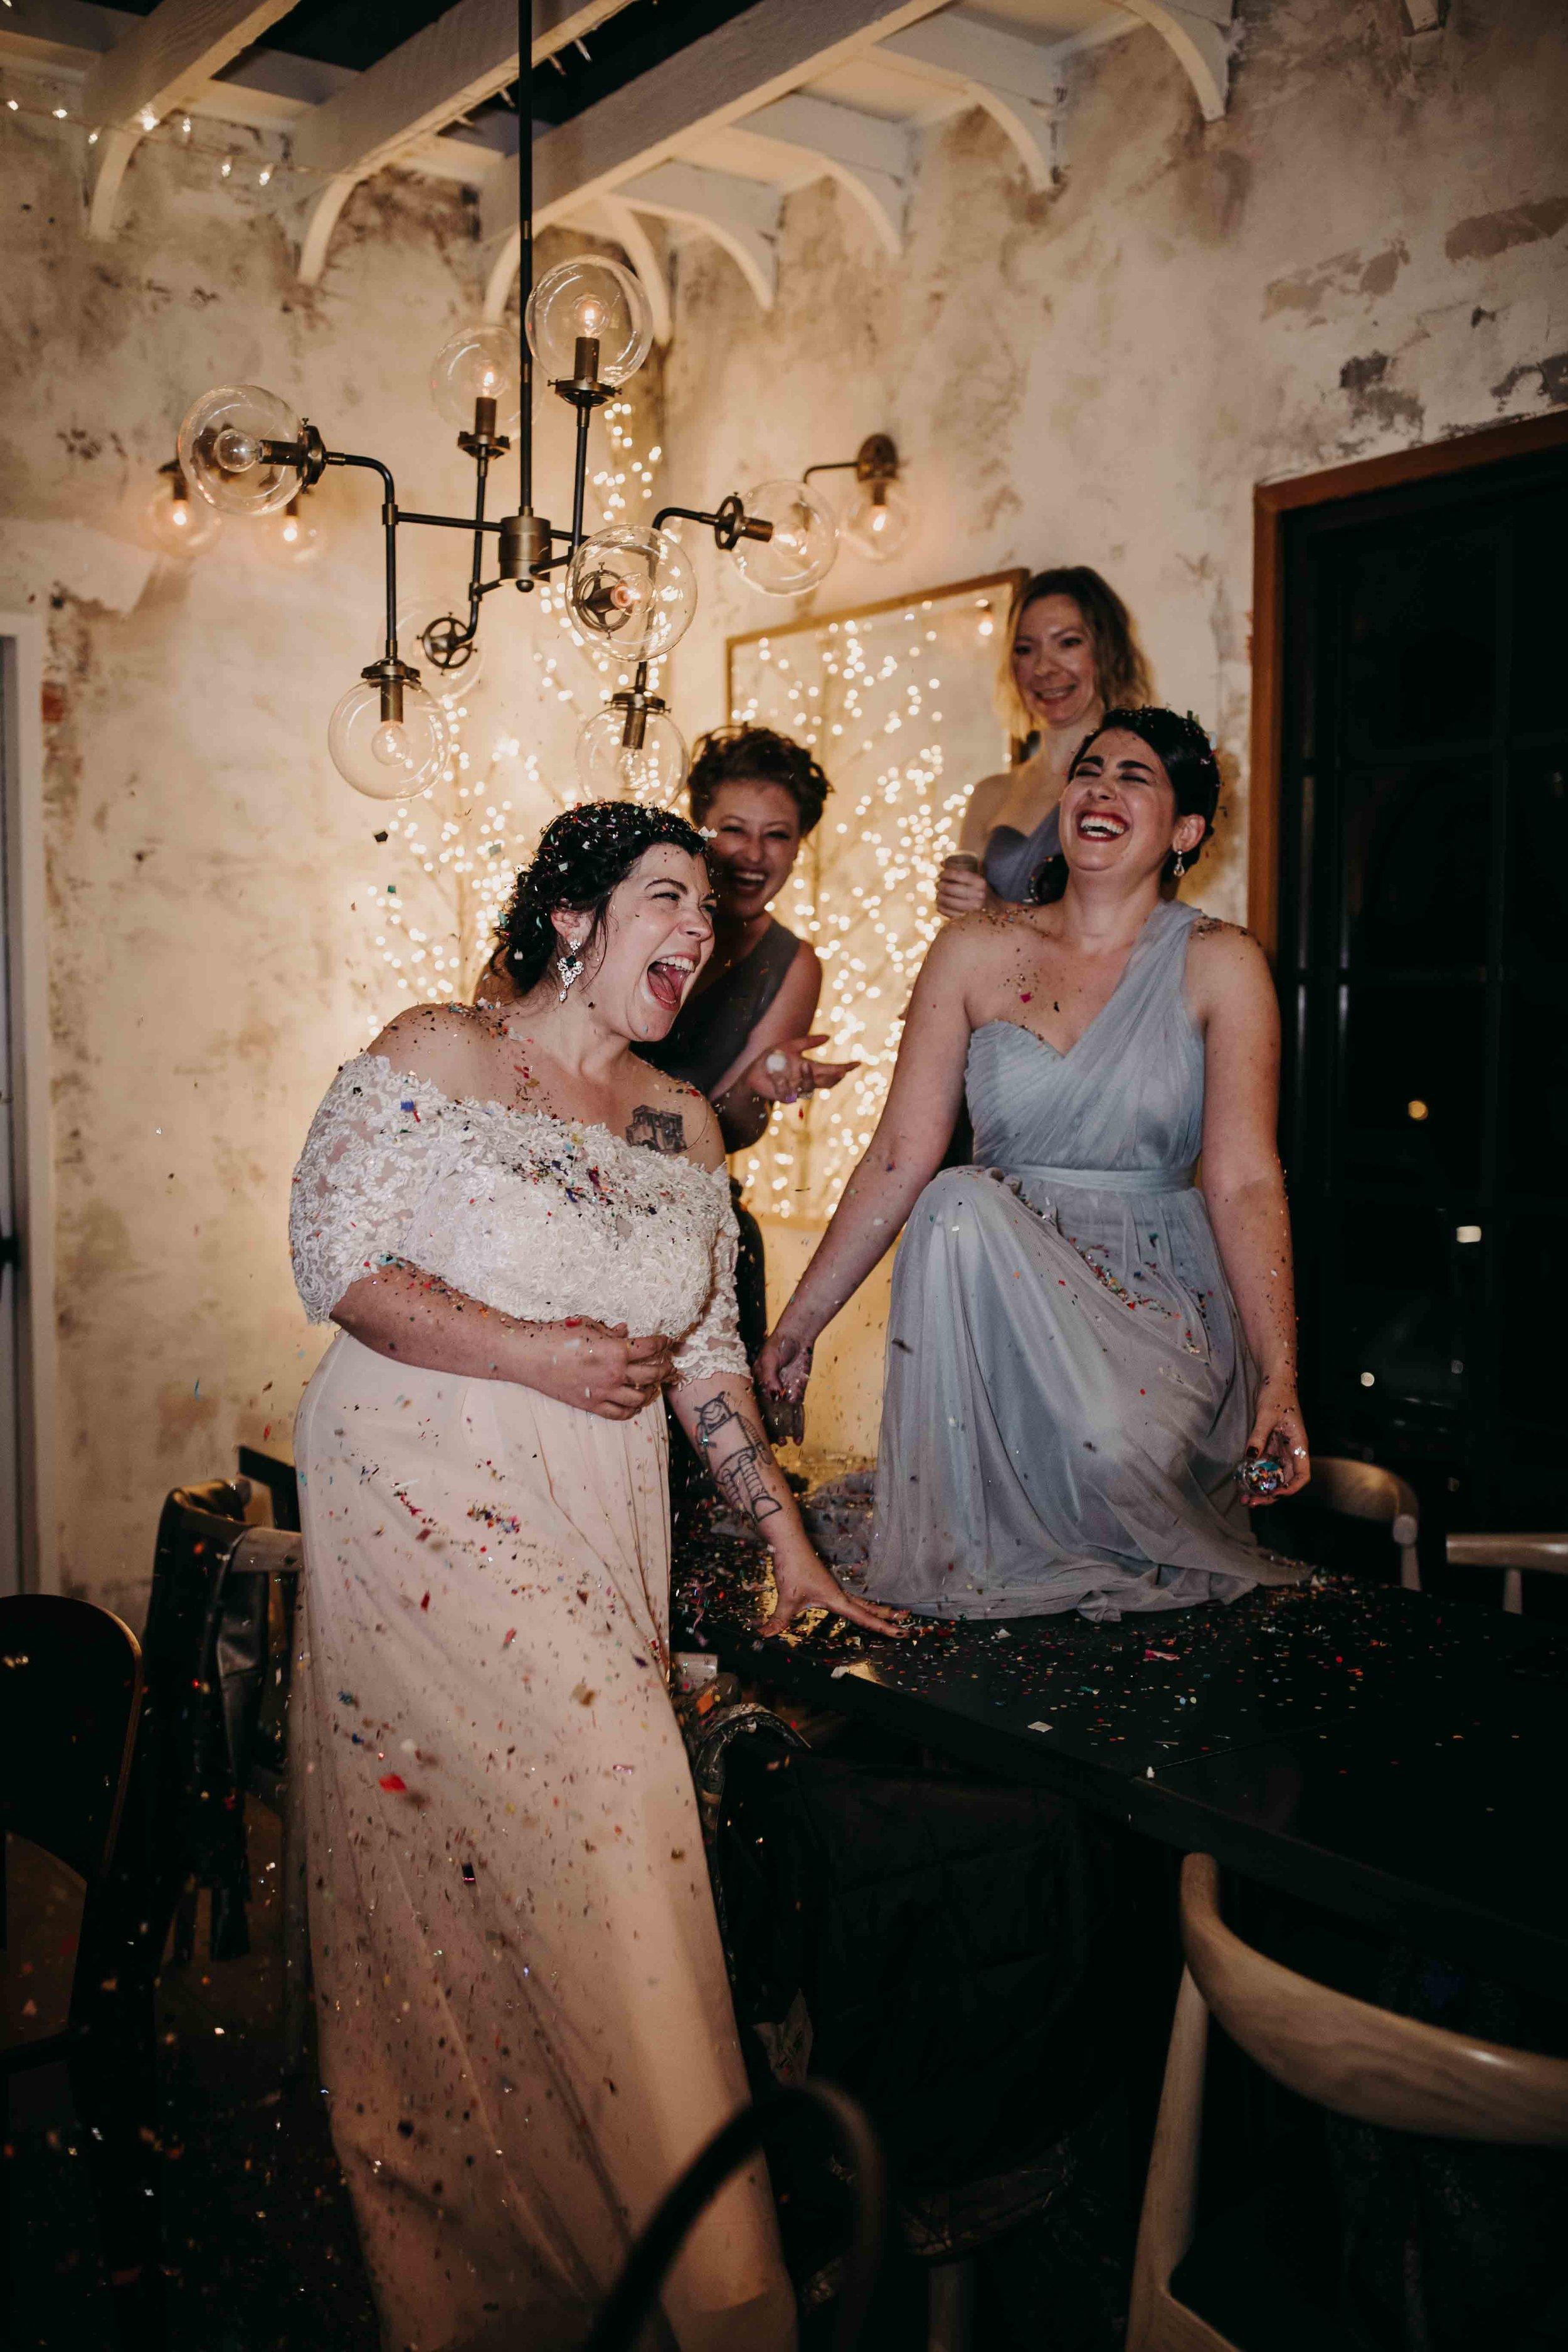 wedding day (34 of 37).jpg